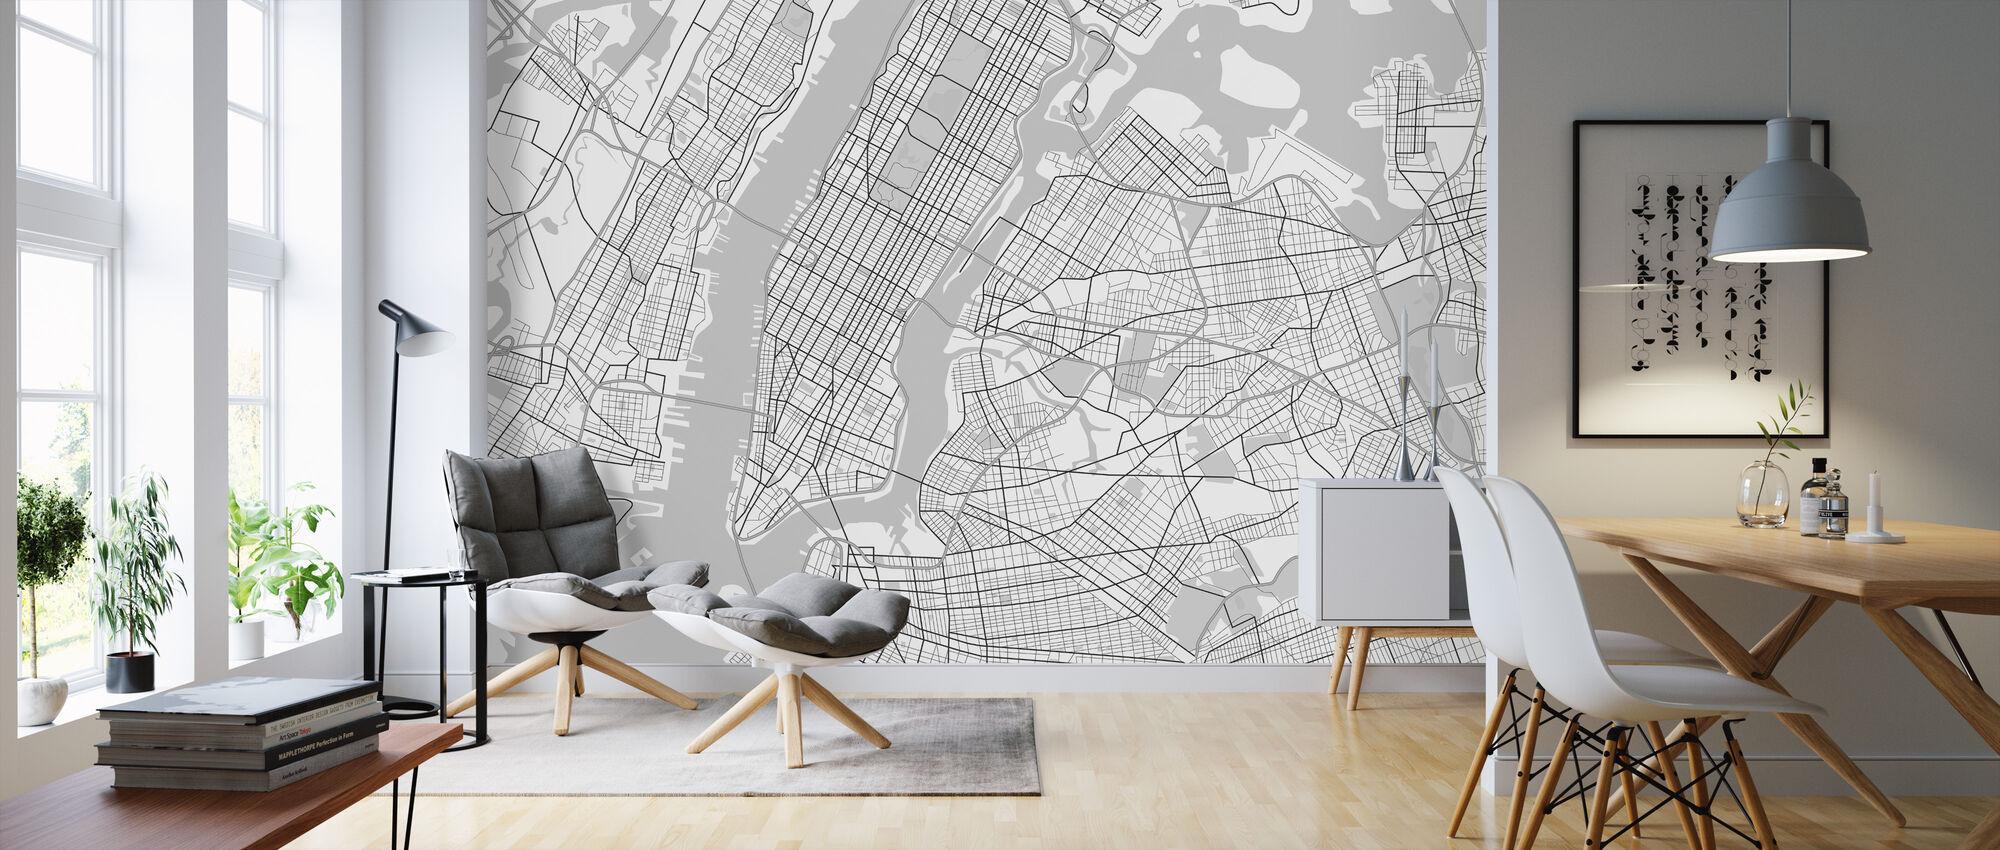 New York Map BW - Wallpaper - Living Room